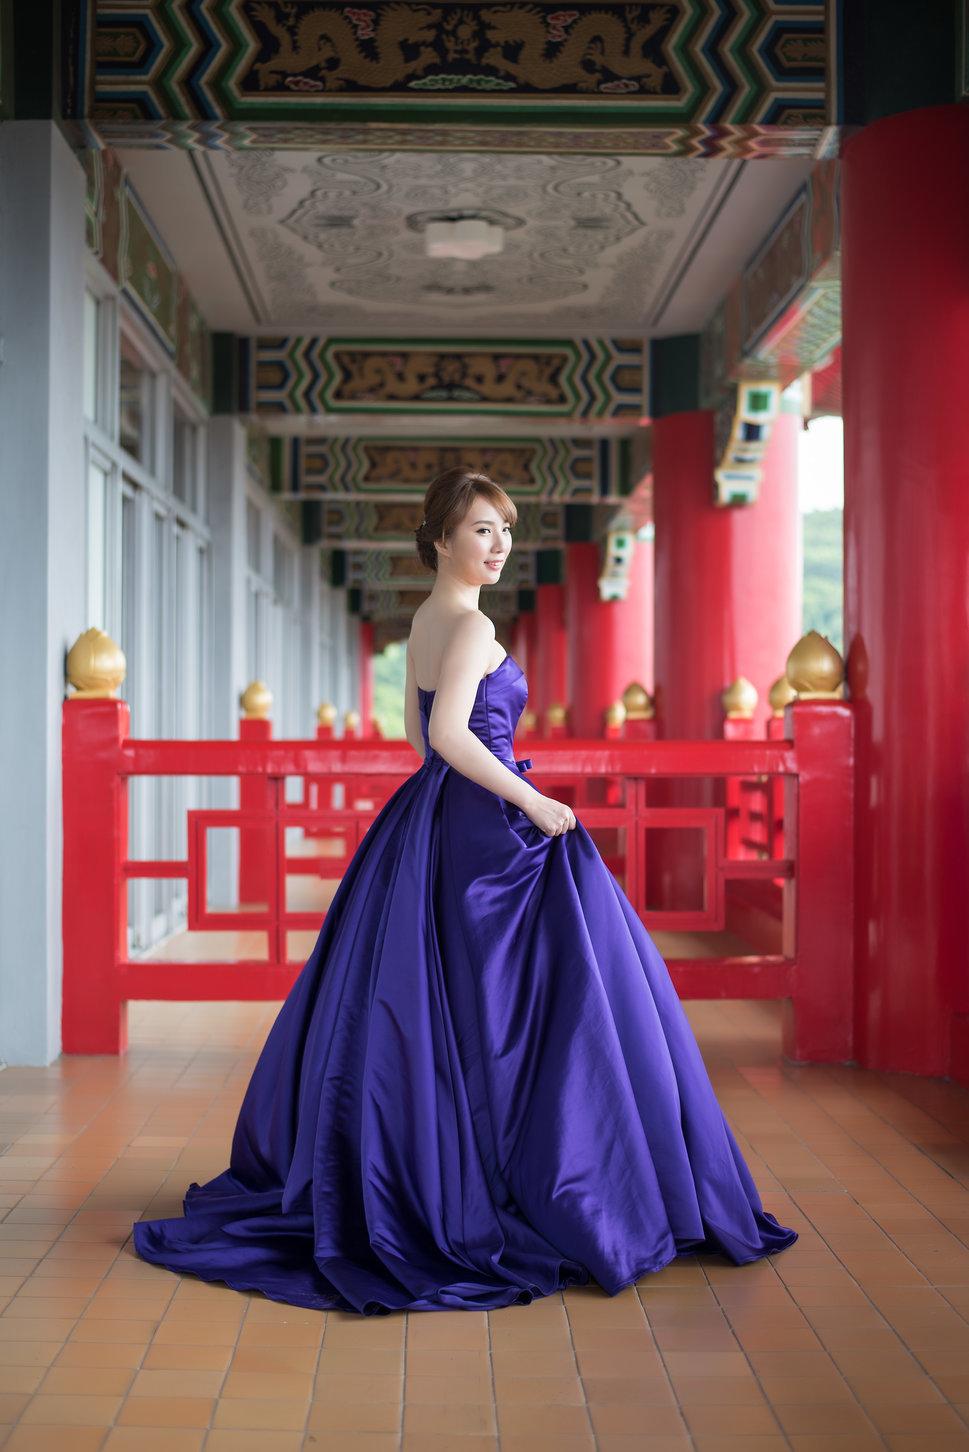 [台北婚攝] 文訂迎娶儀式│台北圓山大飯店(編號:431870) - LoveStoryAllen IMAGE - 結婚吧一站式婚禮服務平台